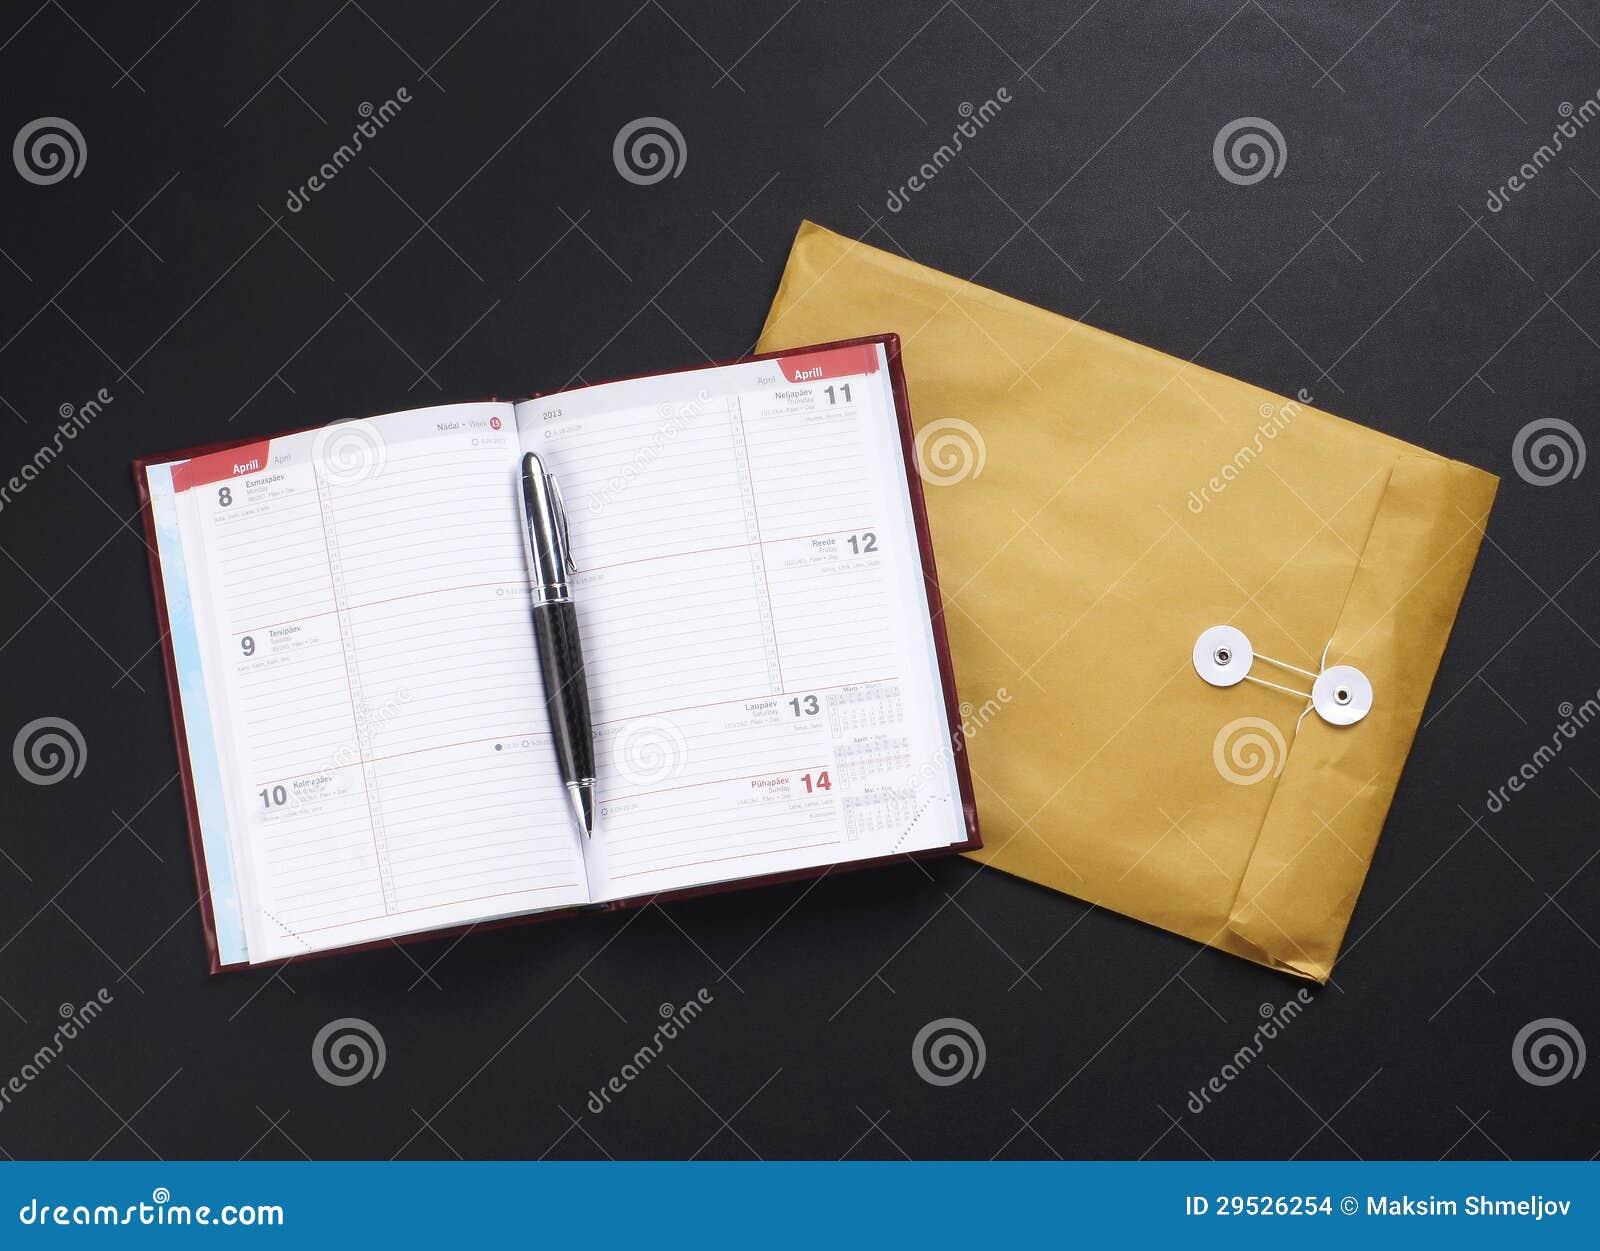 Uma composição de um envelope e de um caderno aberto